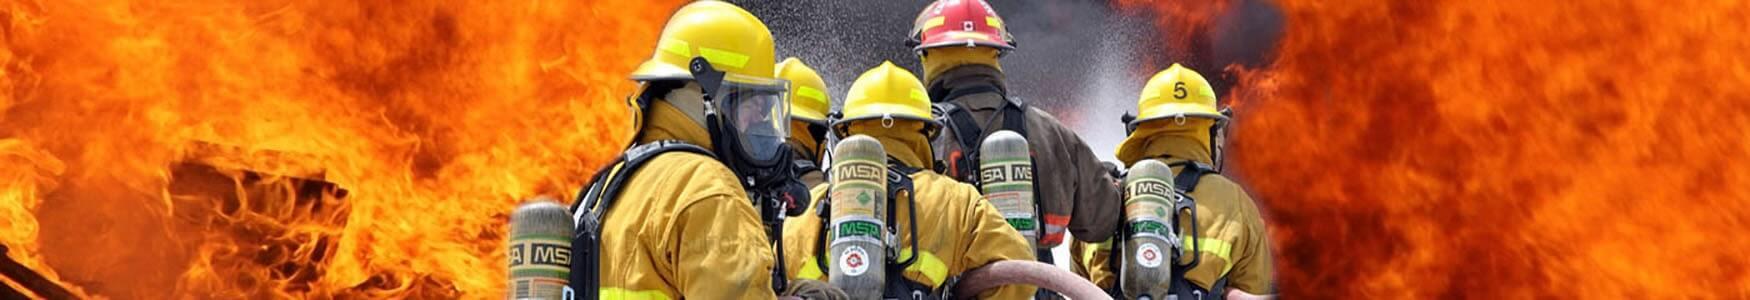 Systemy biernej ochrony przeciwpożarowej